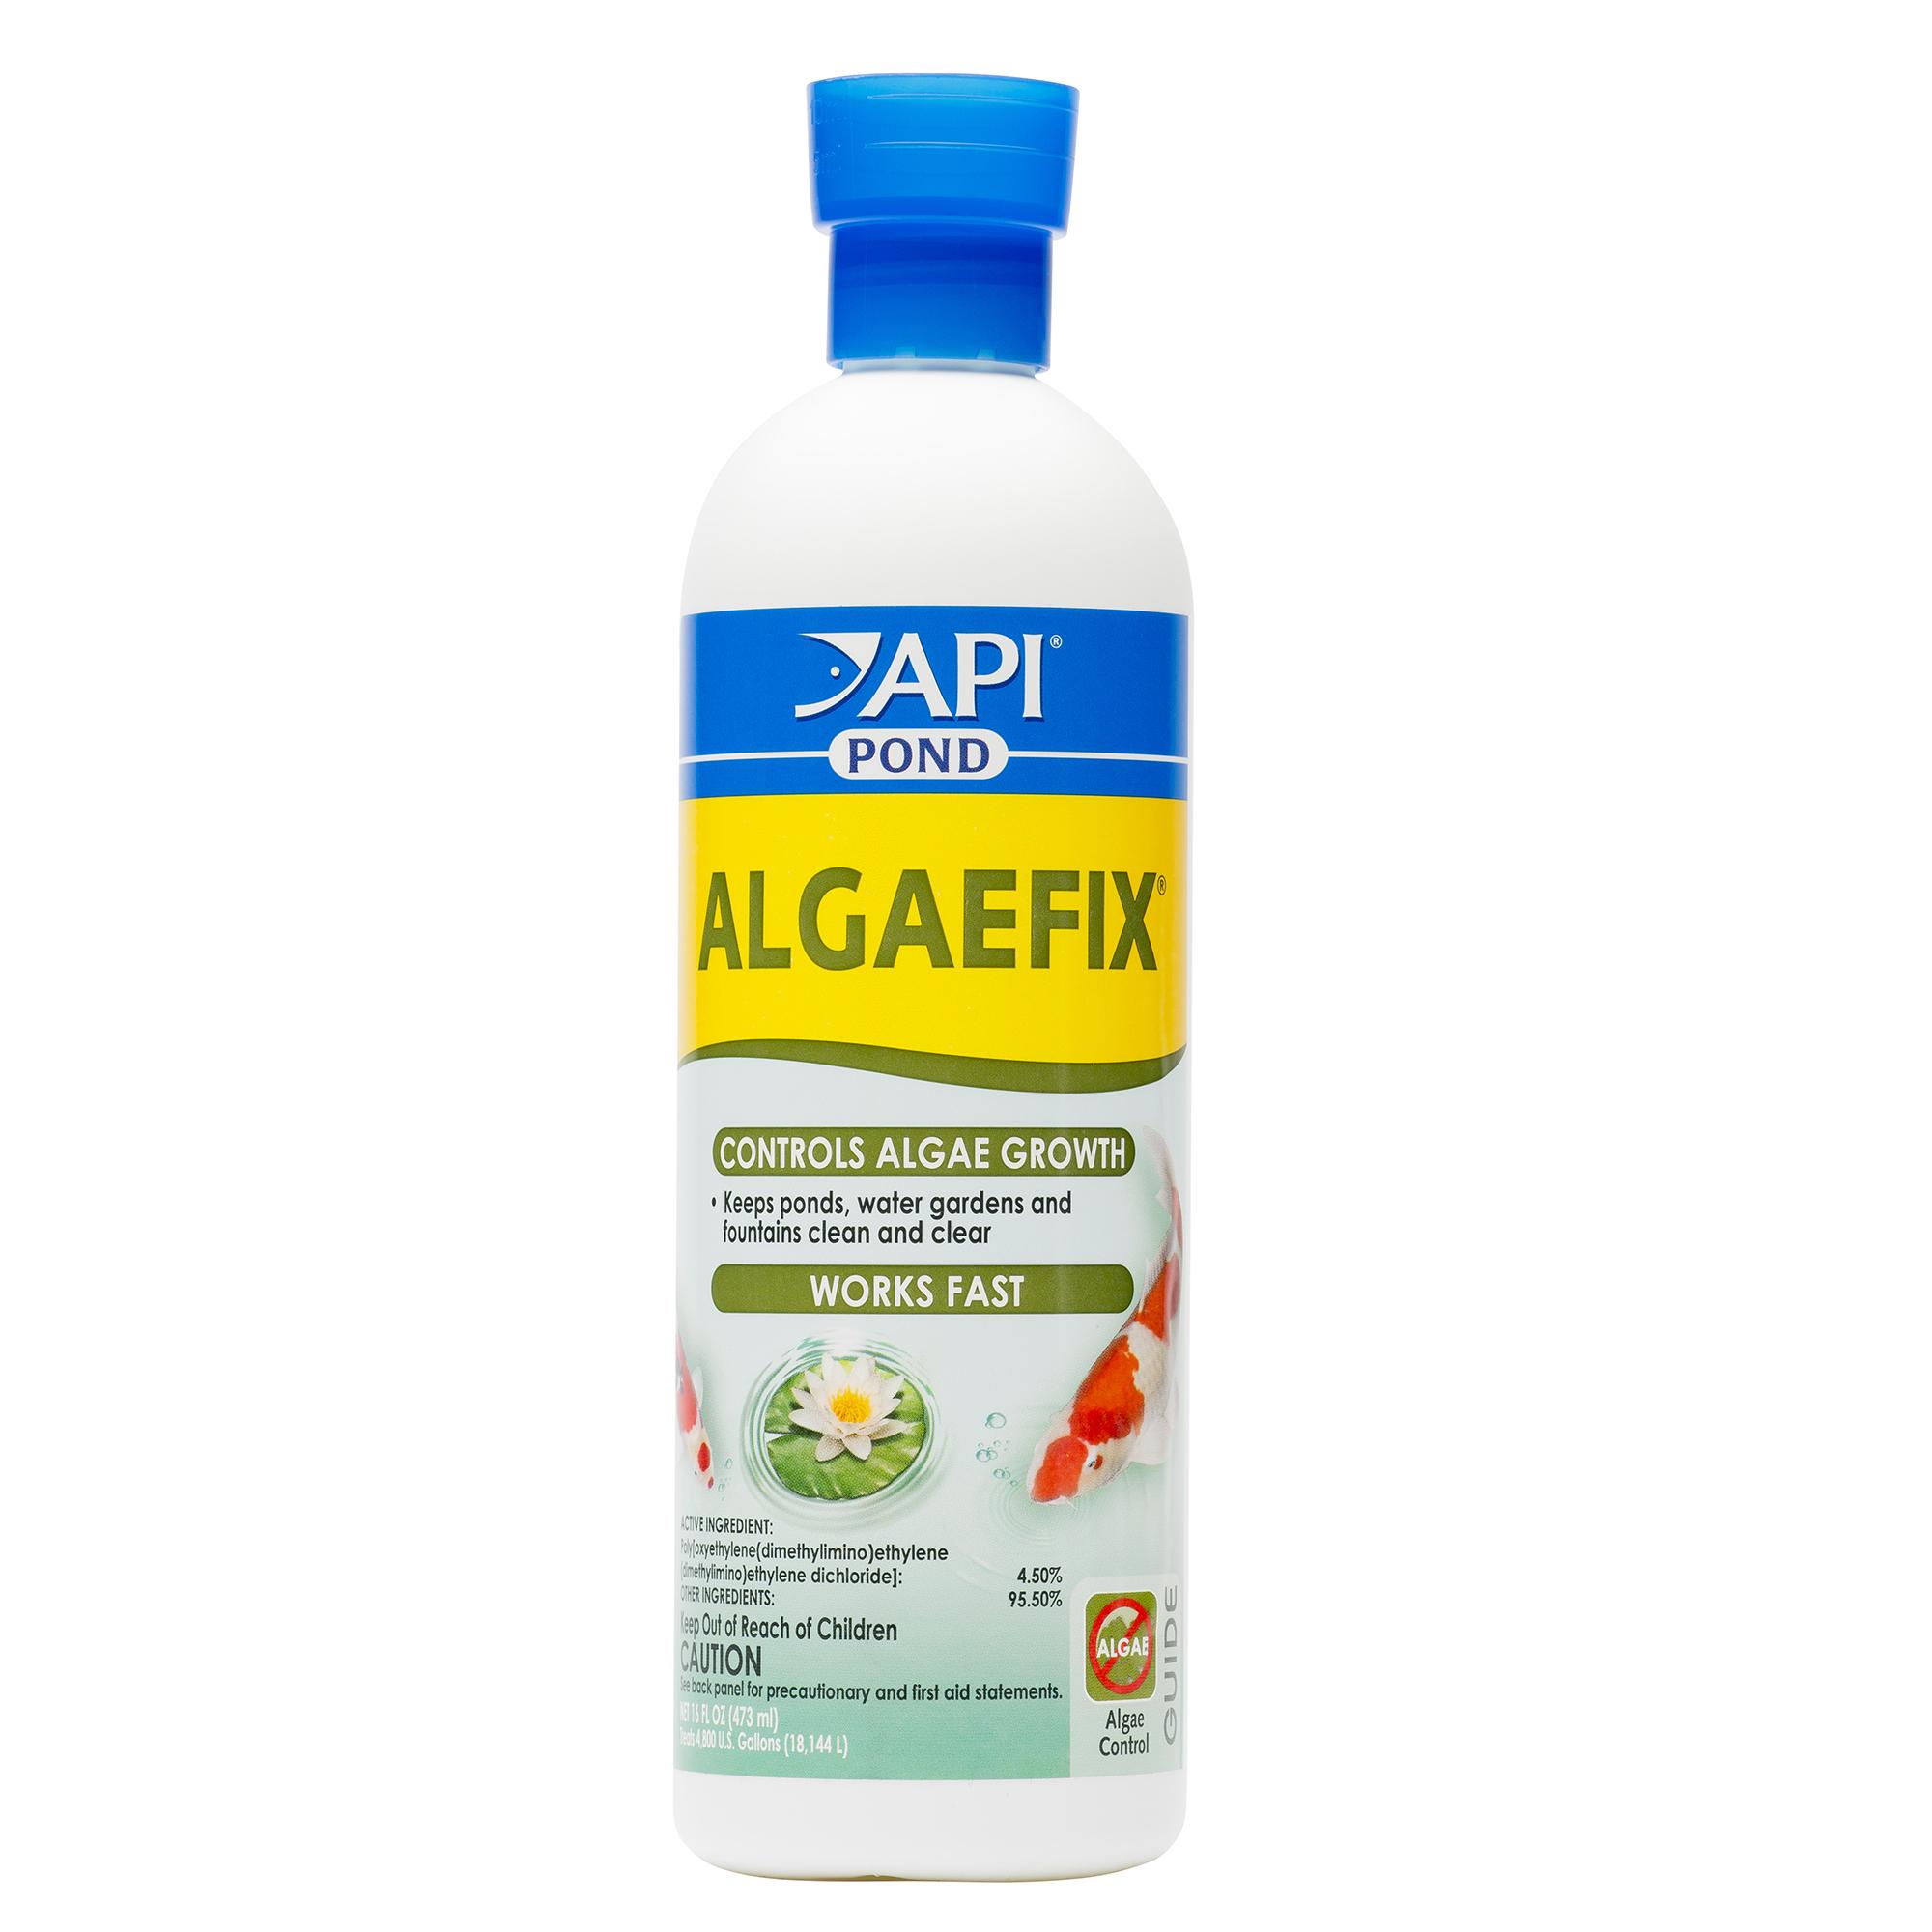 API POND ALGEAFIX algae control